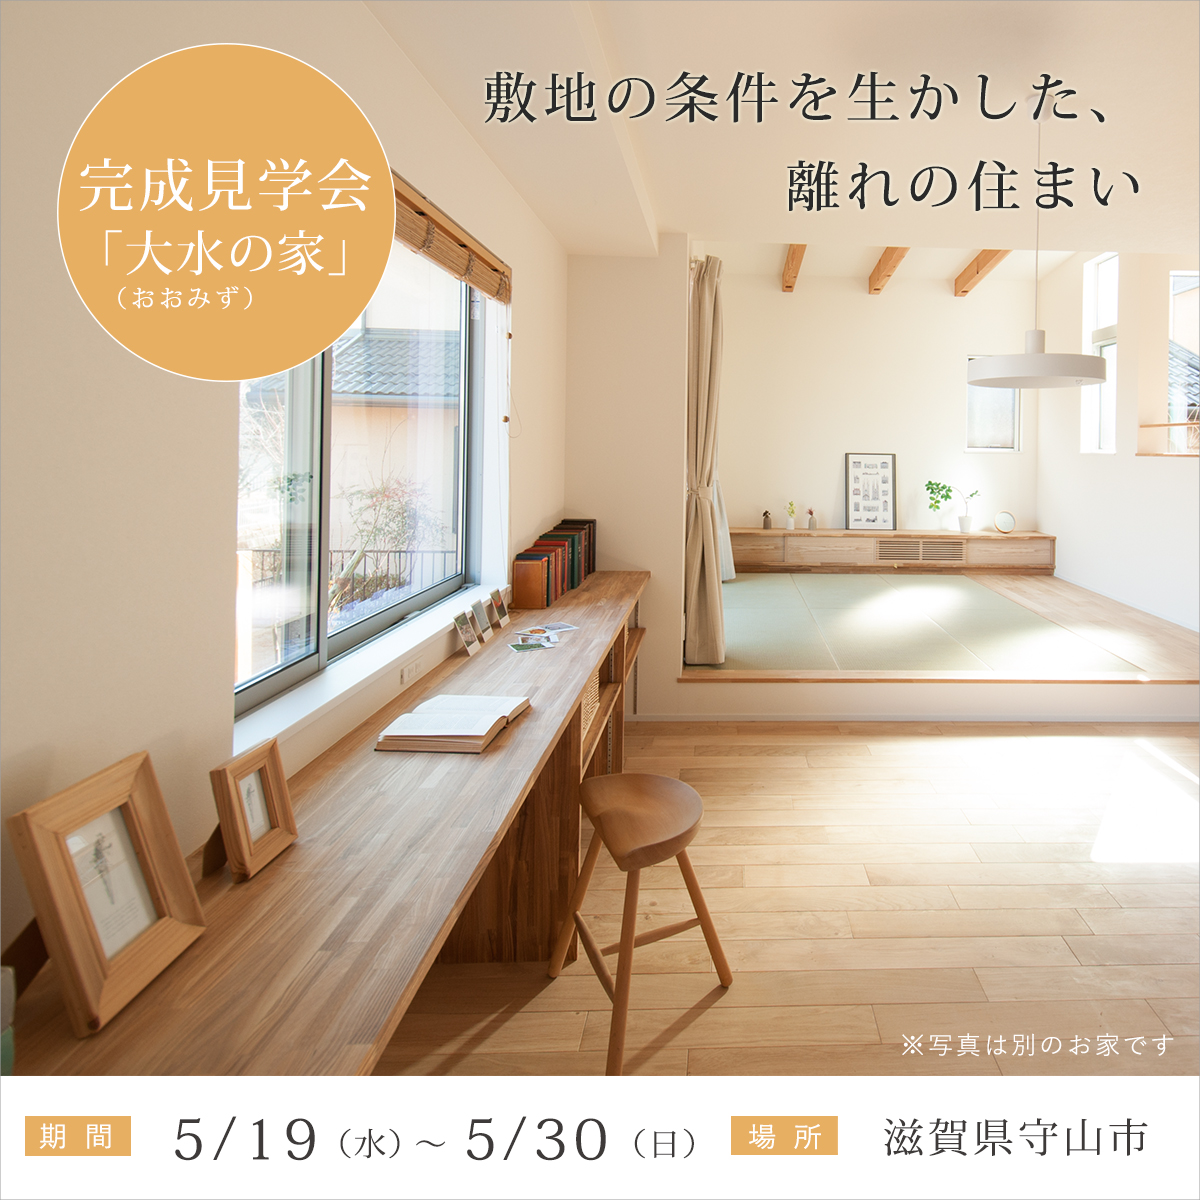 【滋賀県守山市/新築】完成見学会のお知らせ